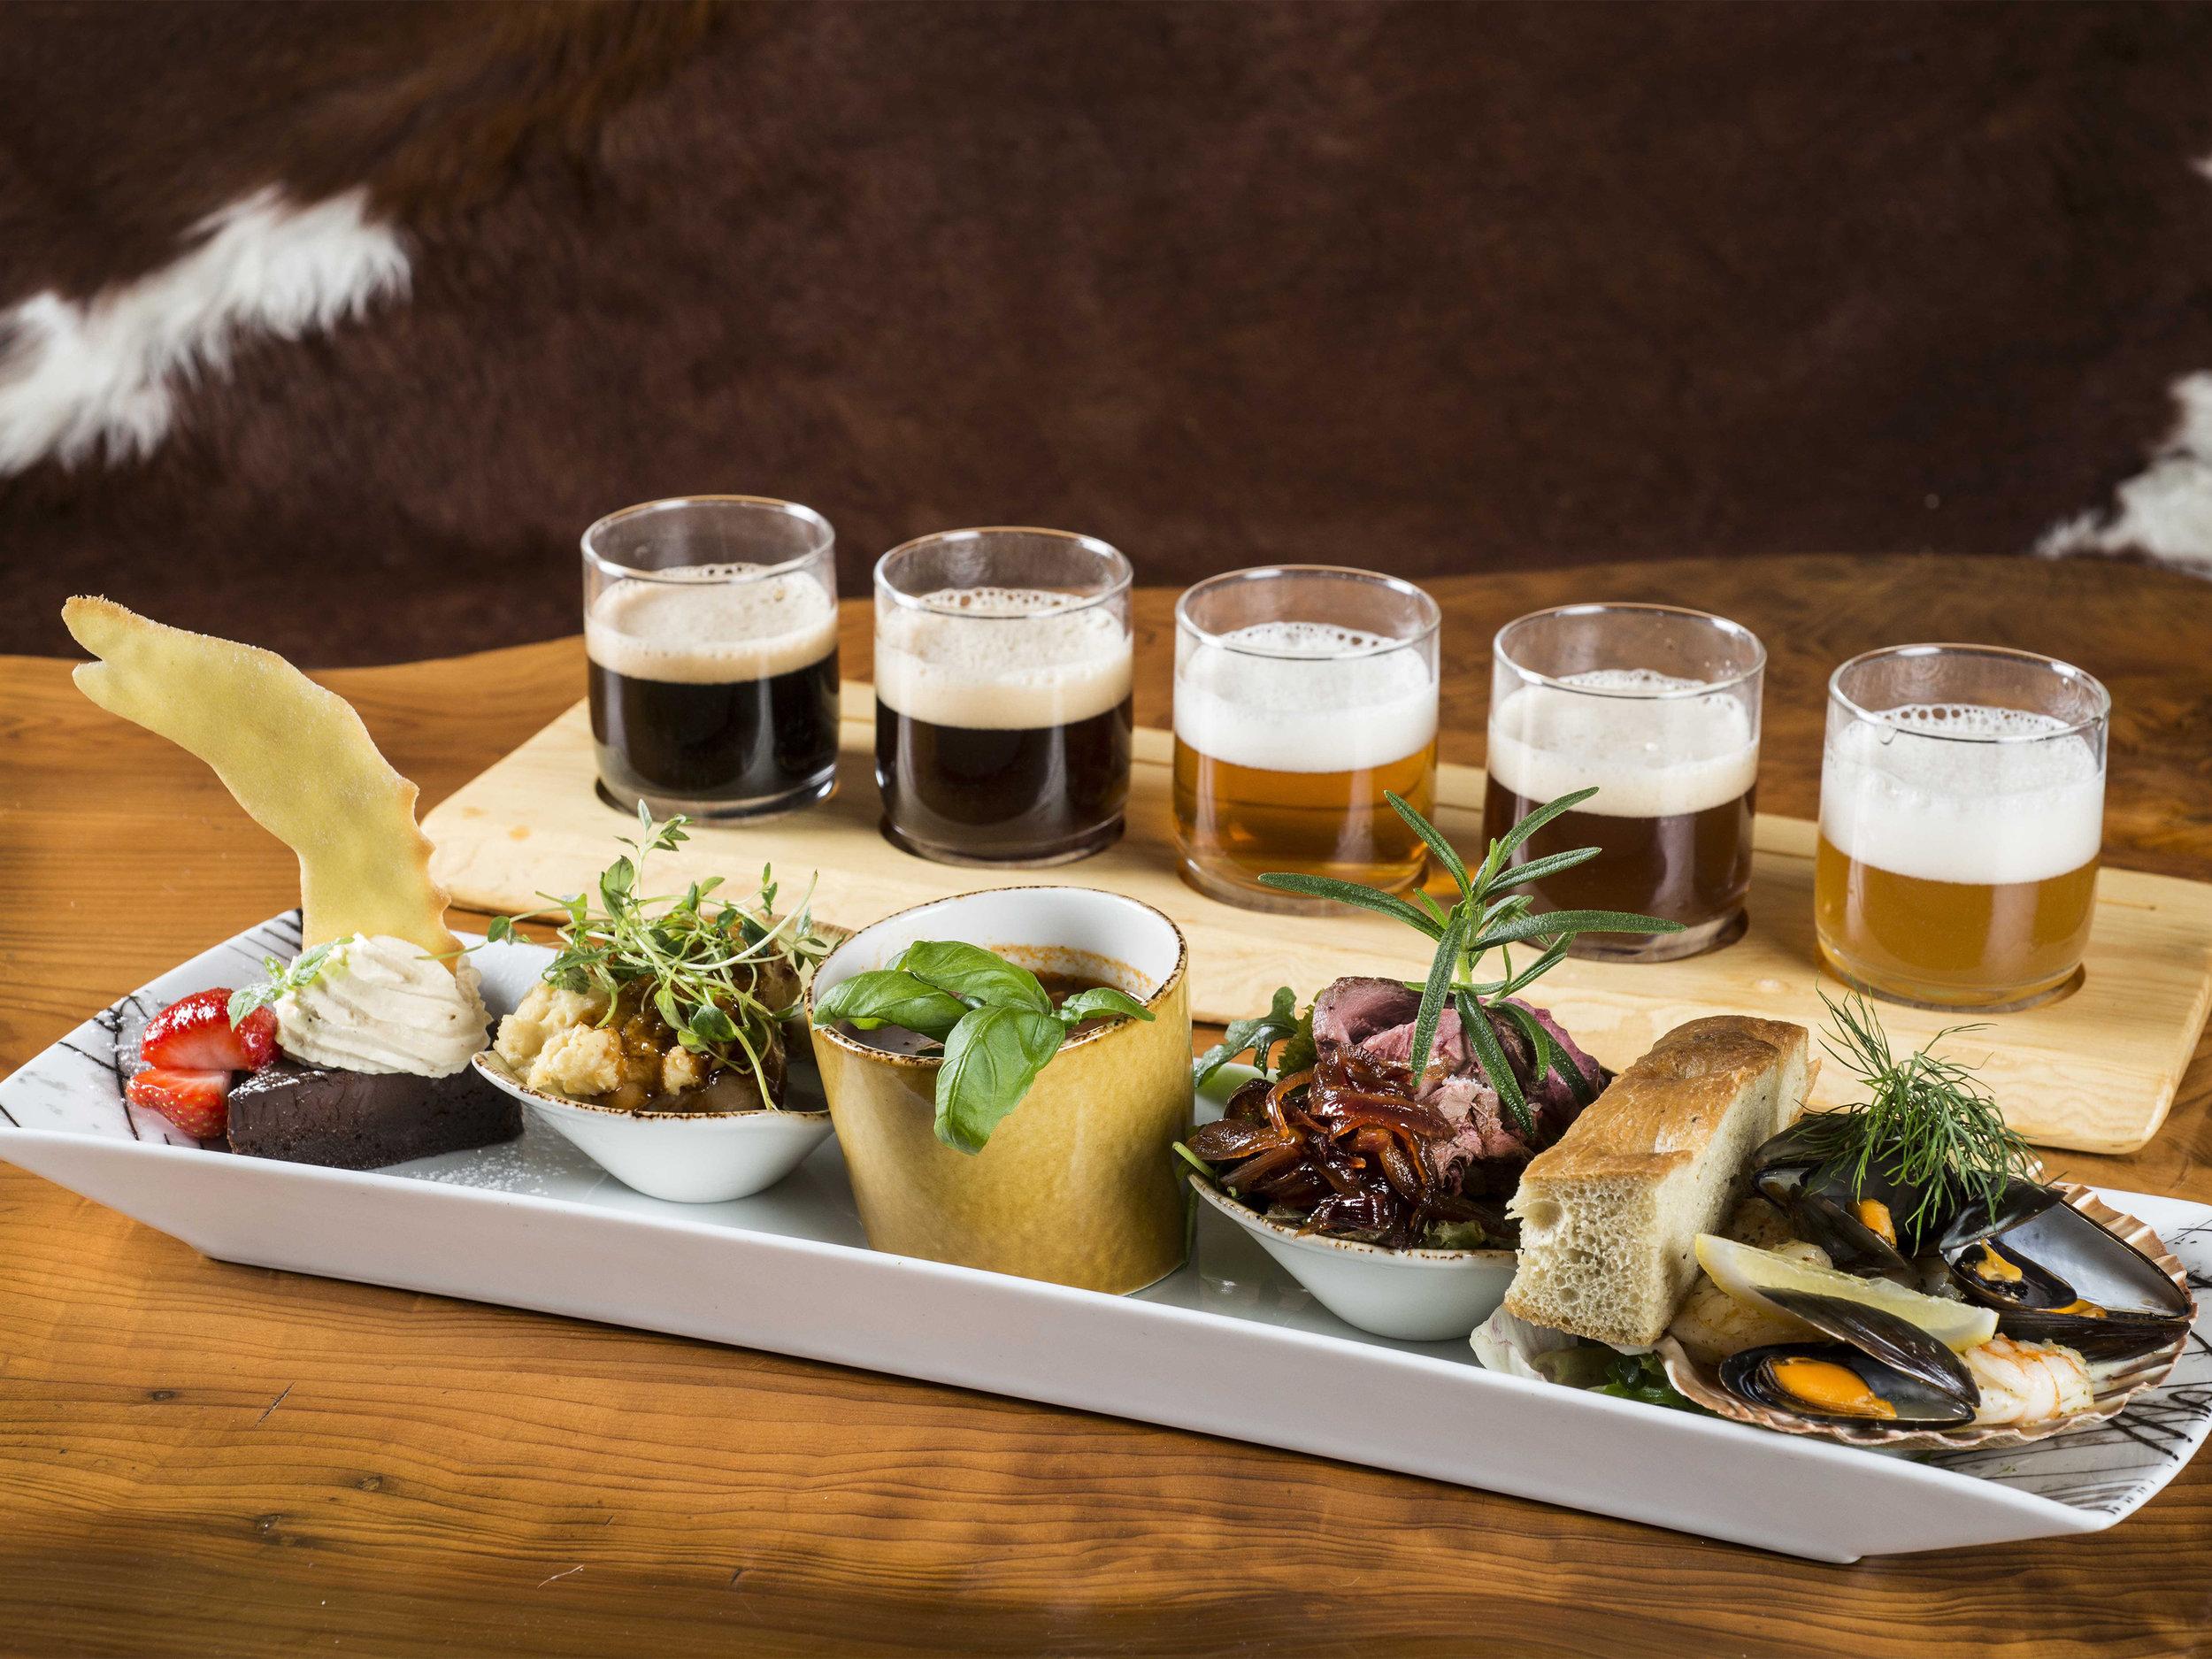 lokal mat og drikke - På Flåmsbrygga er ølet og vikinghistoria i fokus. Matkonseptet vårt - det skal vere Ægir-øl i og til maten - har vorte ein suksess. Vi brukar lokale råvarer—dei som vart nytta i vikingtida, men smaksette for dagens gane. Ægir-øl er brukt i marinadar og sausar, og humle, malt og urter får sette preg på maten.Prøv populære Ægir Vikingplanke (bilete), vårt unike konsept - Vikinggilde - eller vel blant andre spanande menyar!